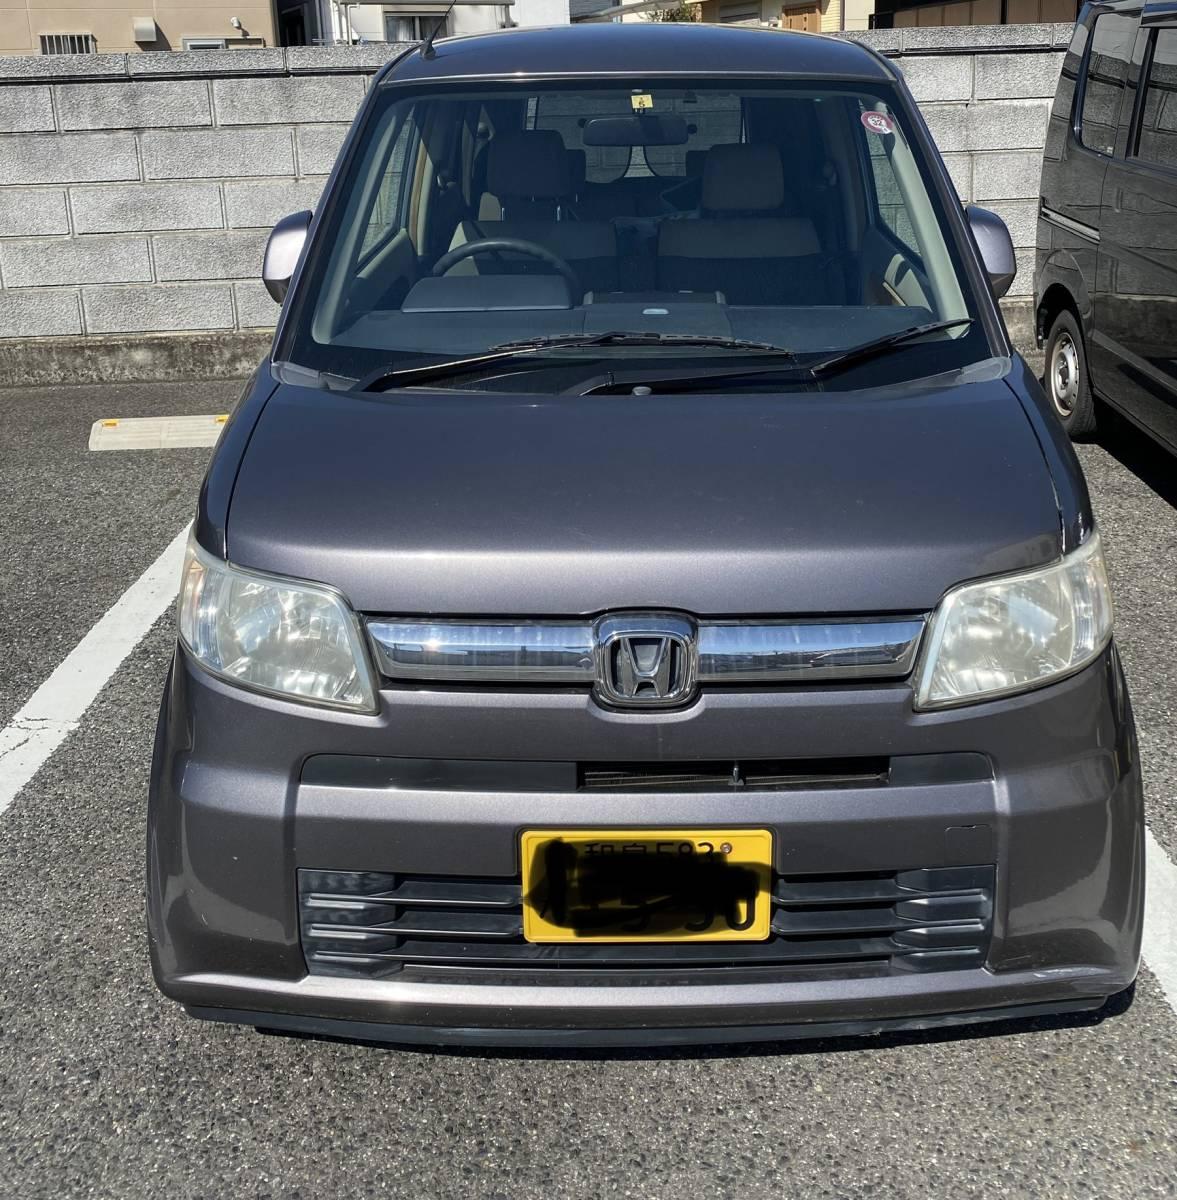 「ホンダ ゼスト 車検2021.5月27日」の画像1